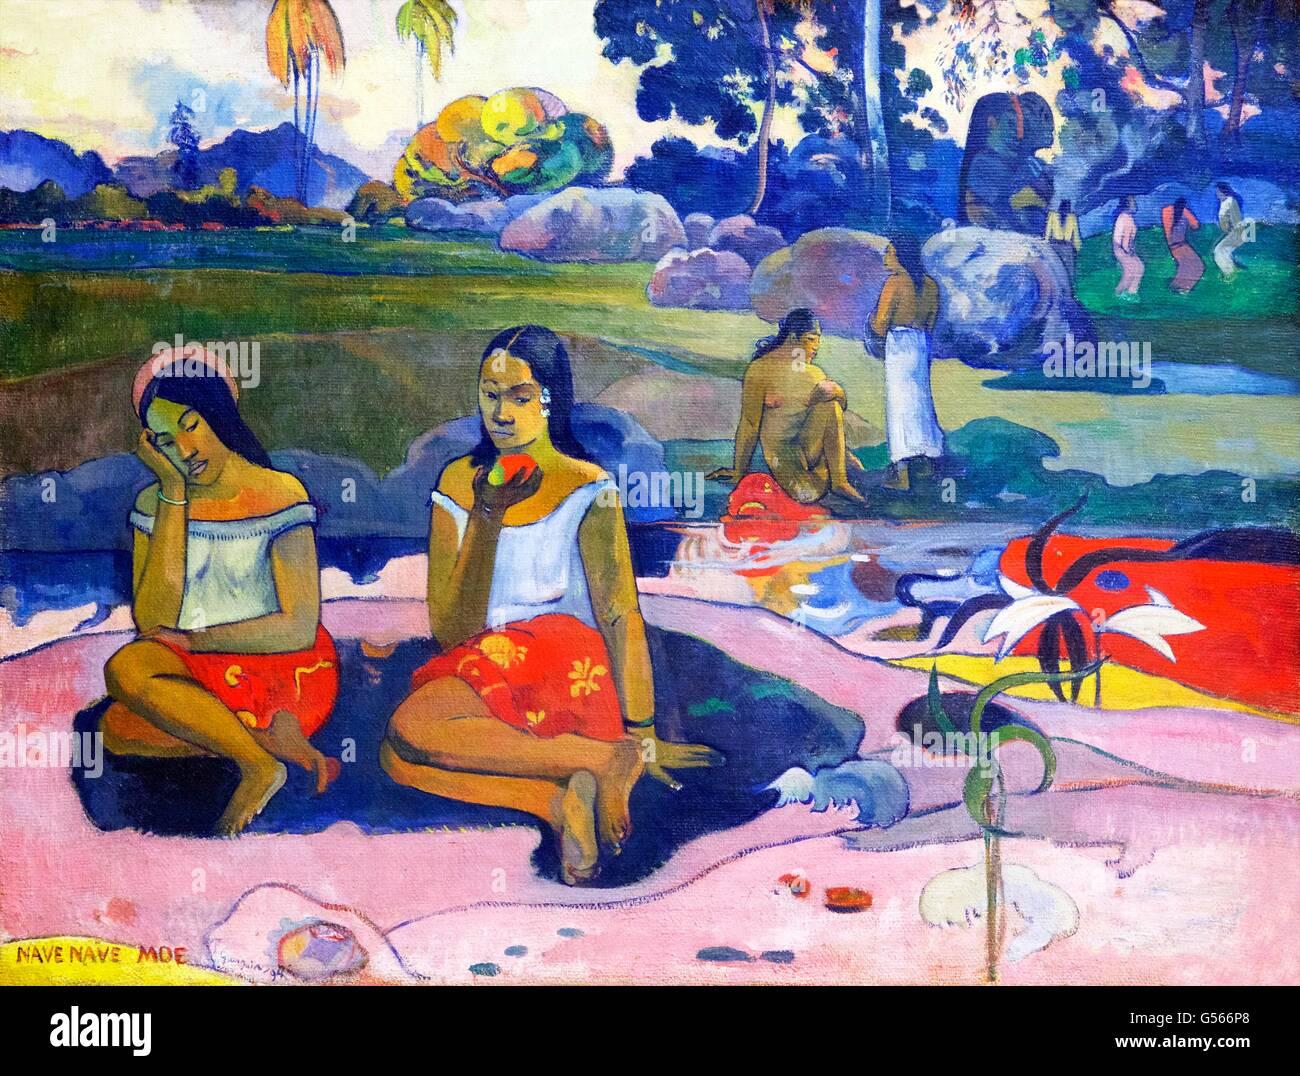 Nave Nave Moe, Sacred Spring, Sweet Dreams, by Paul Gauguin, 1894, State Hermitage Museum, Saint Petersburg, Russia - Stock Image